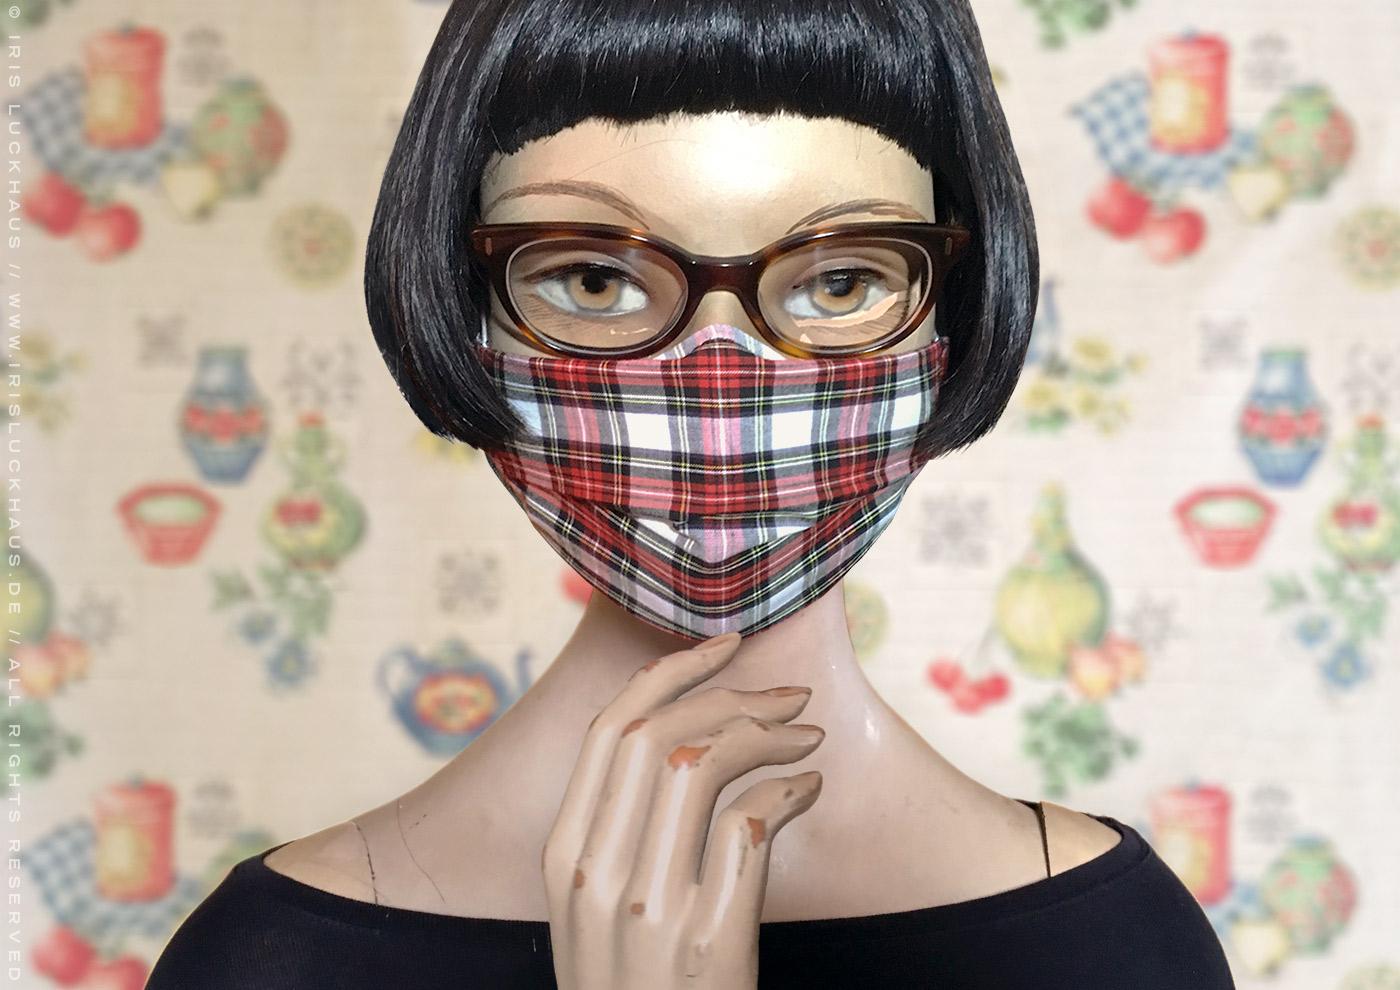 Optimierte Hybrid-Maske als Übermaske, Cover oder Überzug für eine FFP2-Maske oder N95-Maske, Alltagsmaske, Mundmaske, Mund-Nase-Maske oder Mund-Nase-Bedeckung zum Selbstnähen mit Anleitung, Schnittmuster und Schablone auf Stoff mit Nasenbügel, Filteröffnung und Tunnelzug für Ohrhalter und Kopfbändel von Iris Luckhaus